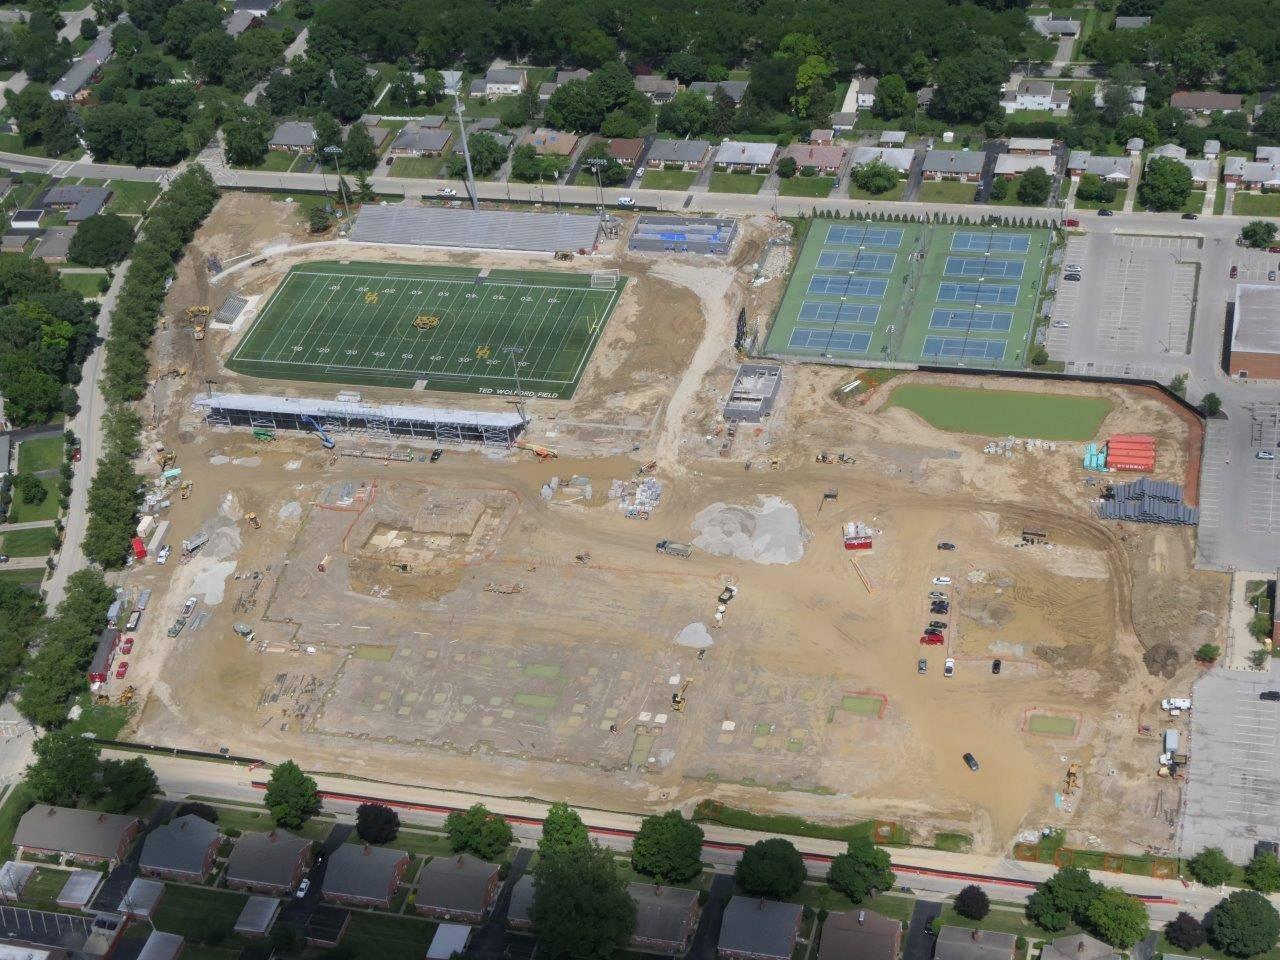 High School site aerial looking east